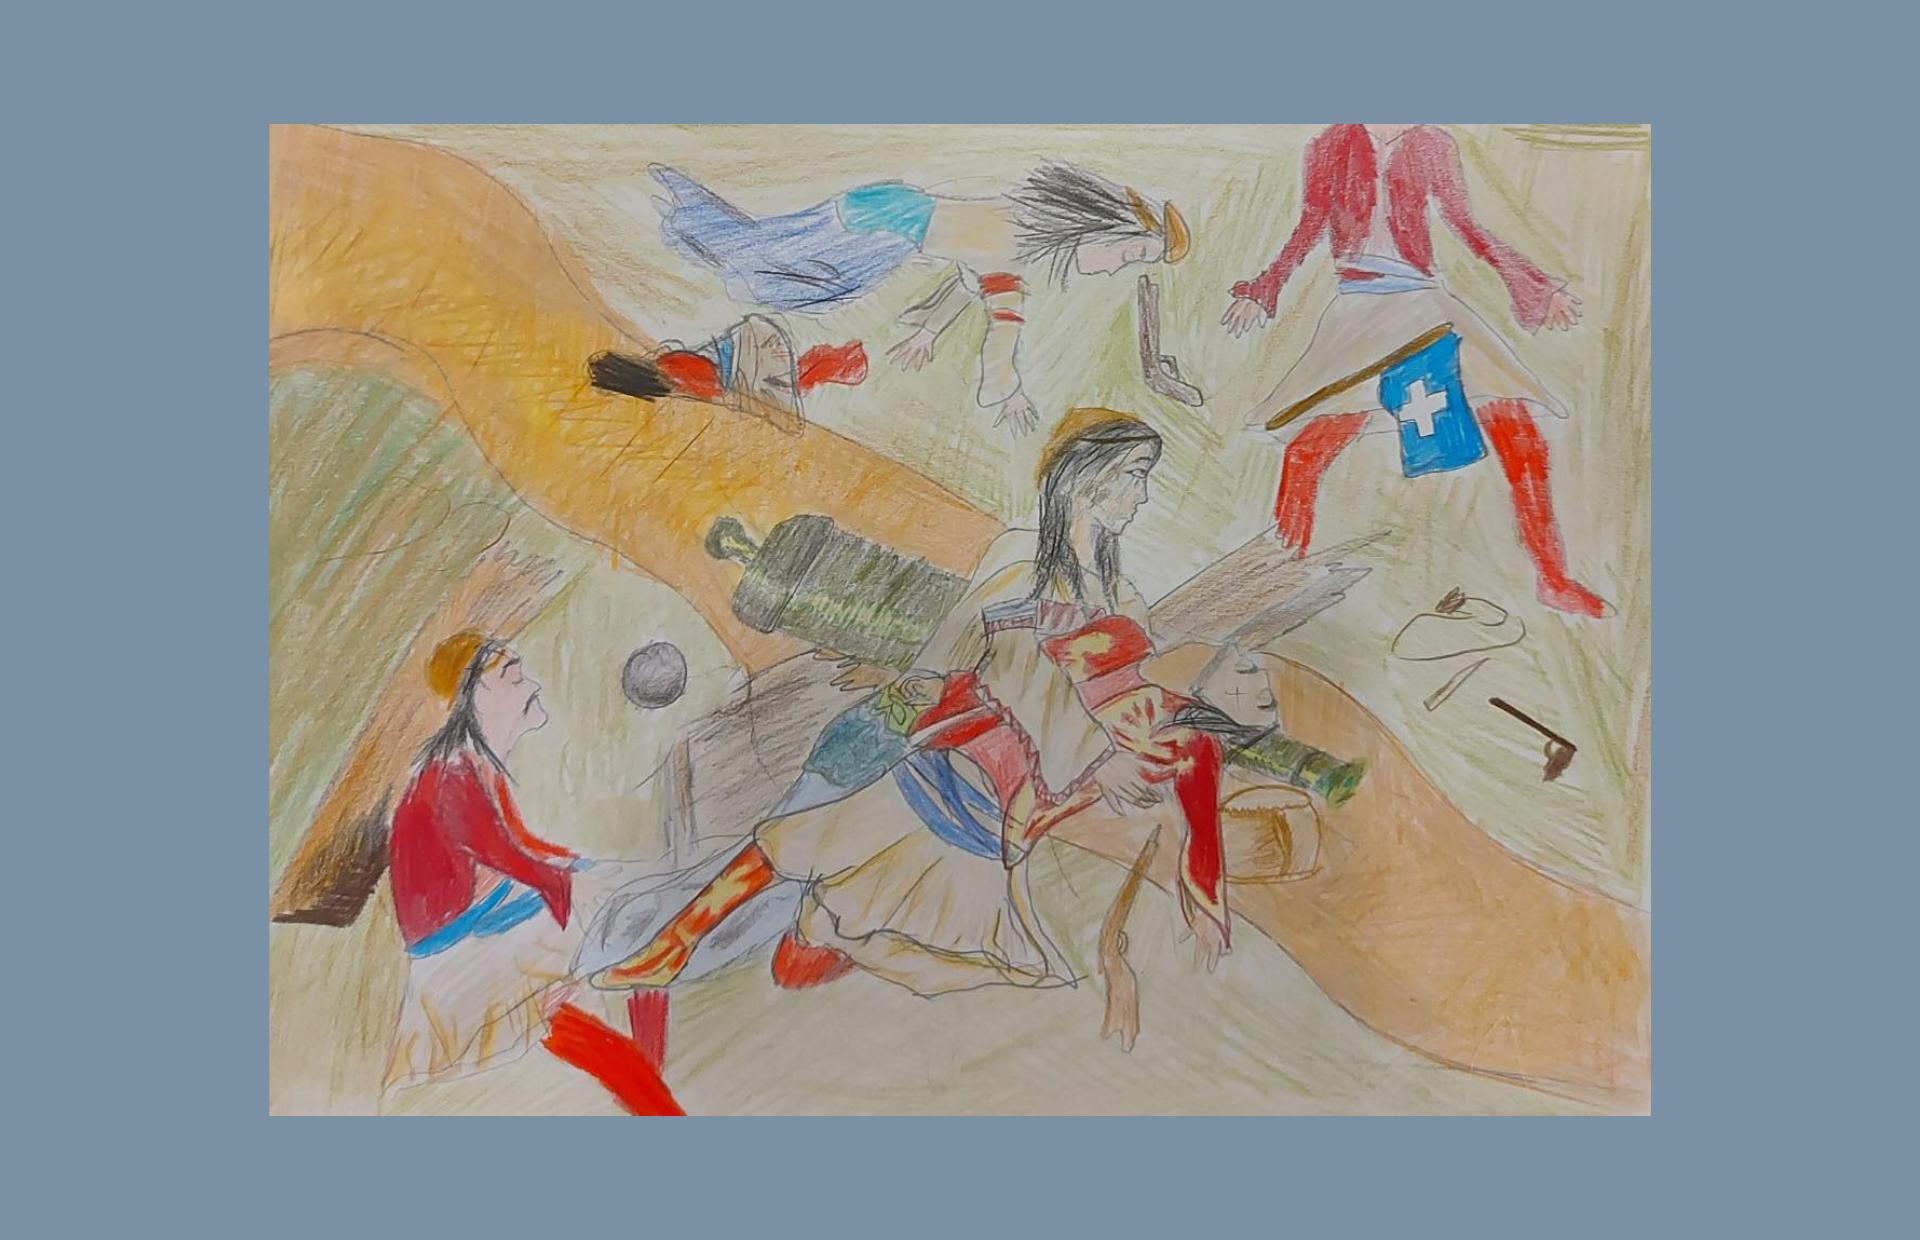 Εορταστικές δράσεις από το Μουσείο Ελληνικής Παιδικής Τέχνης για τα 200 χρόνια Ελευθερίας